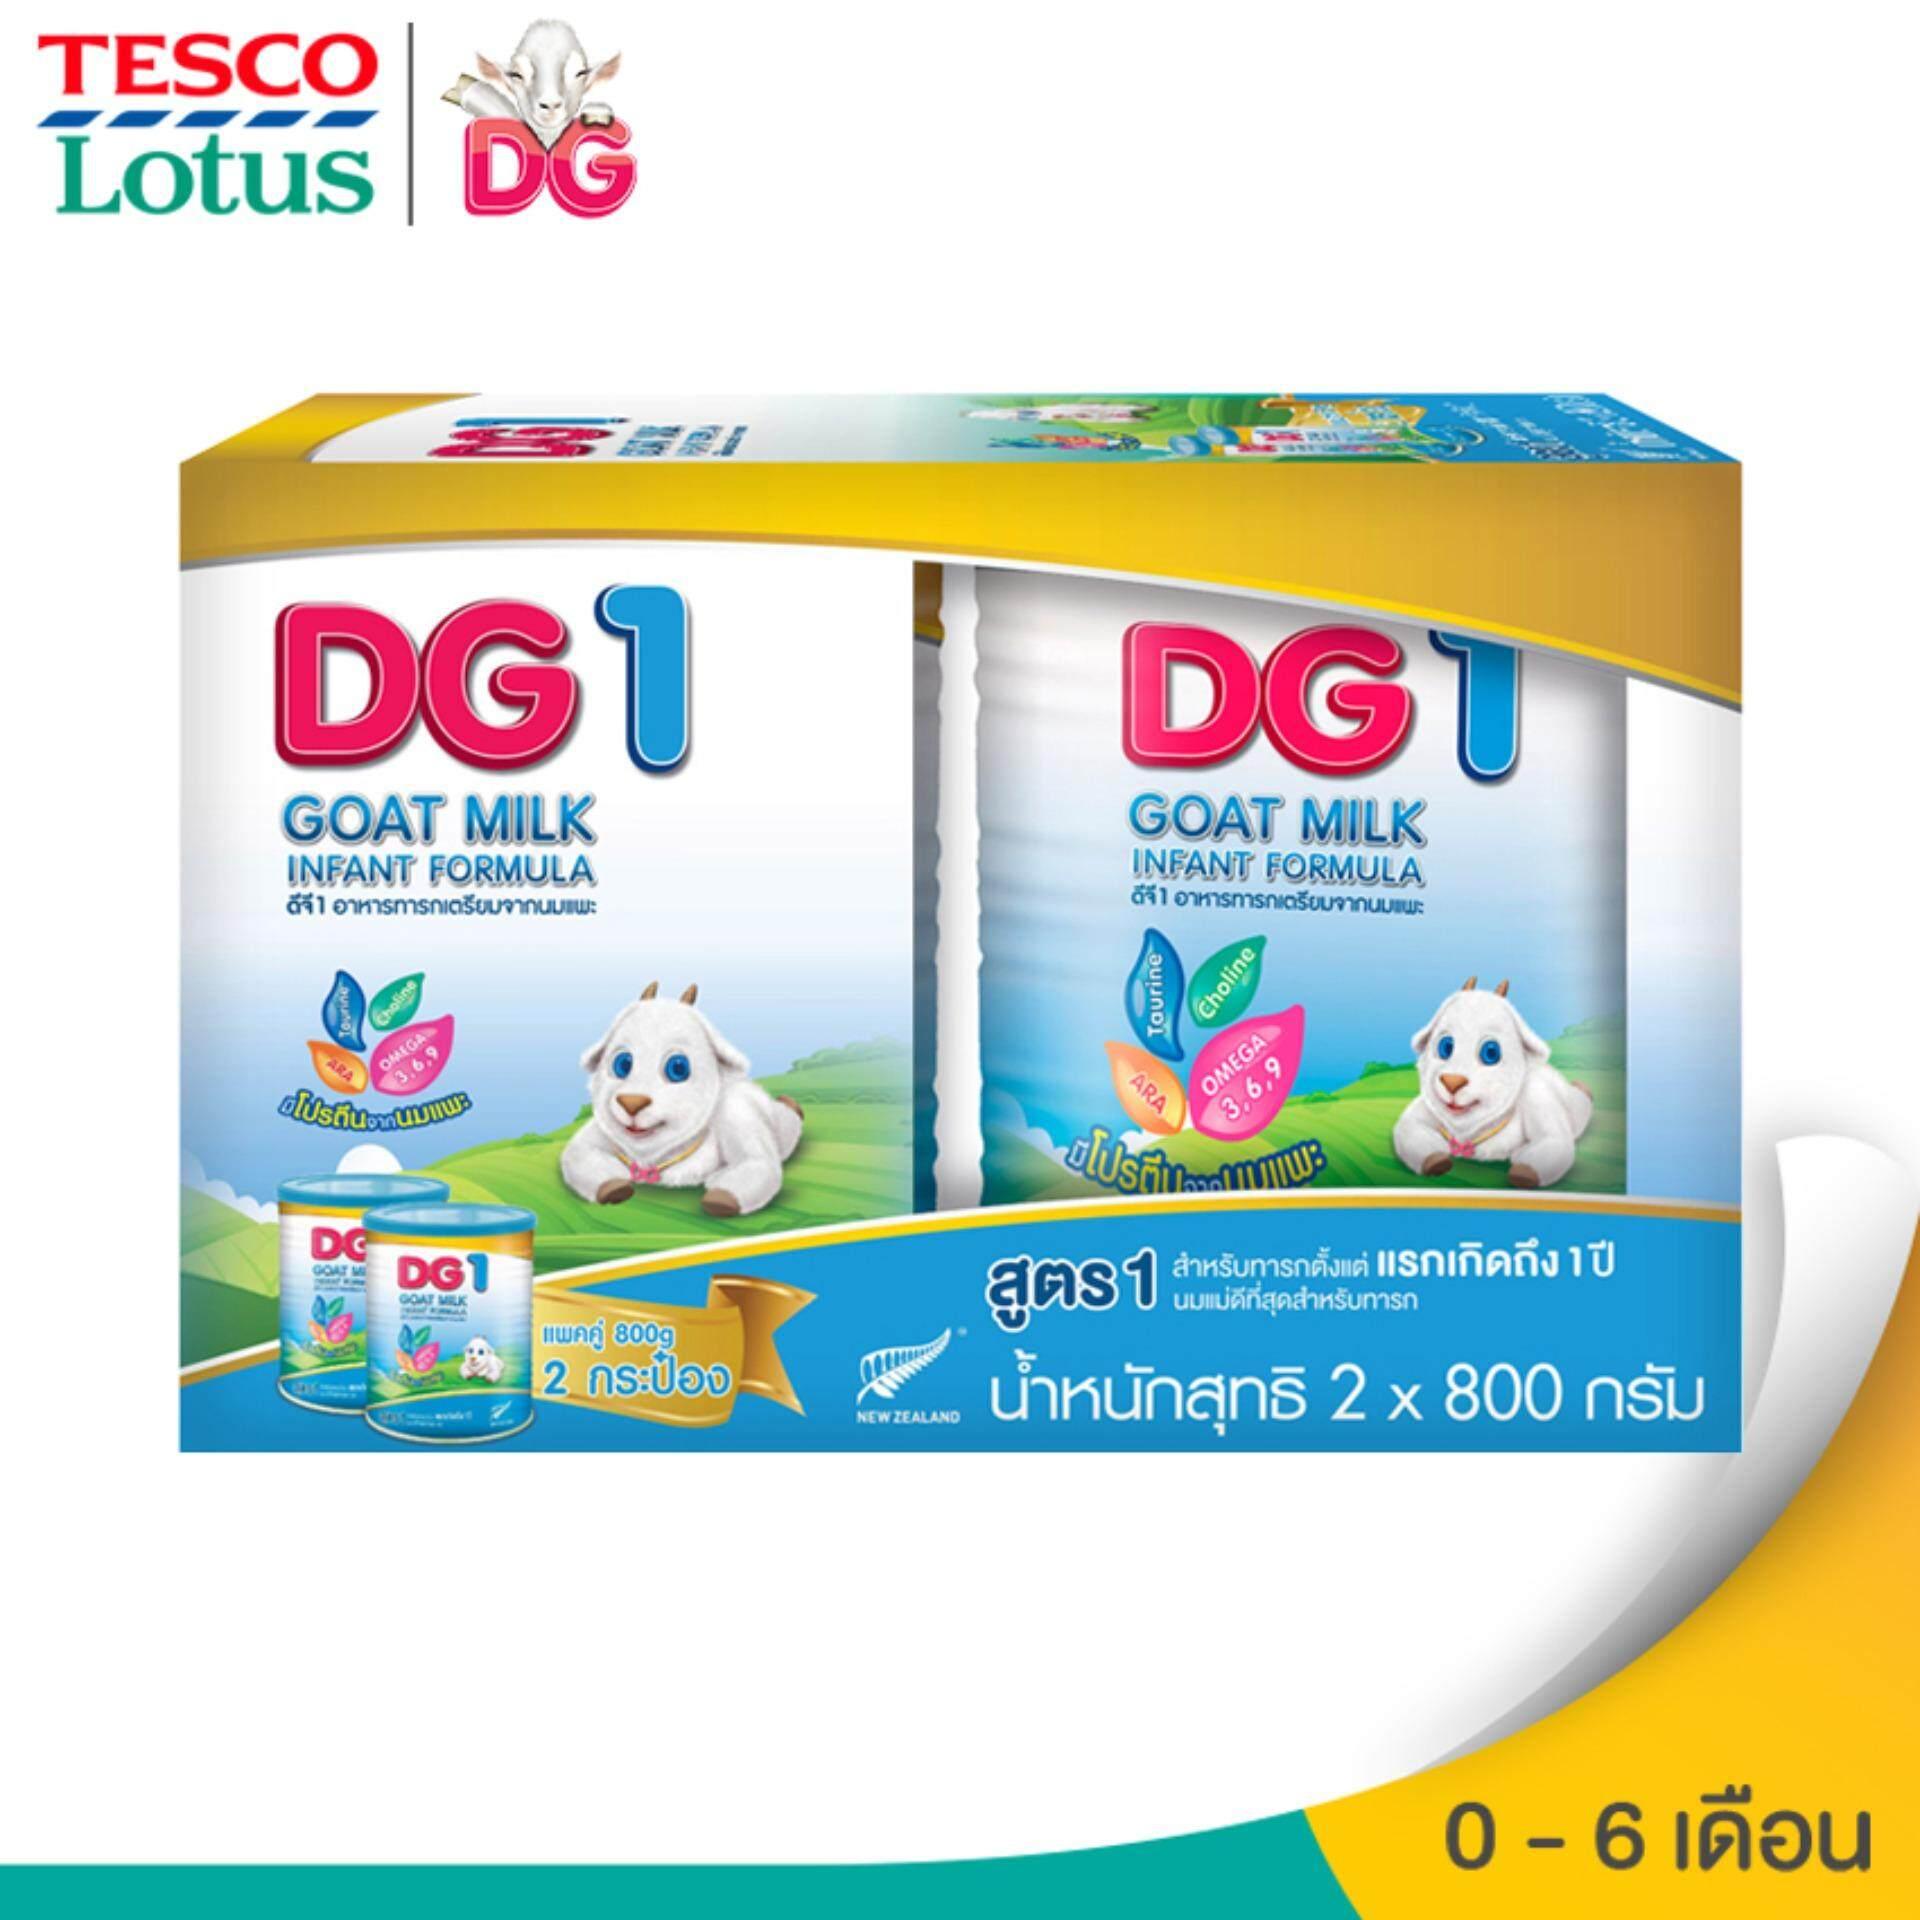 ต้องการซื้อ  DG-1 ดีจี1 อาหารทารกจากนมแพะ สำหรับช่วงวัยที่ 1 800 กรัม x2 กระป๋อง   รีวิวสินค้า ของแท้